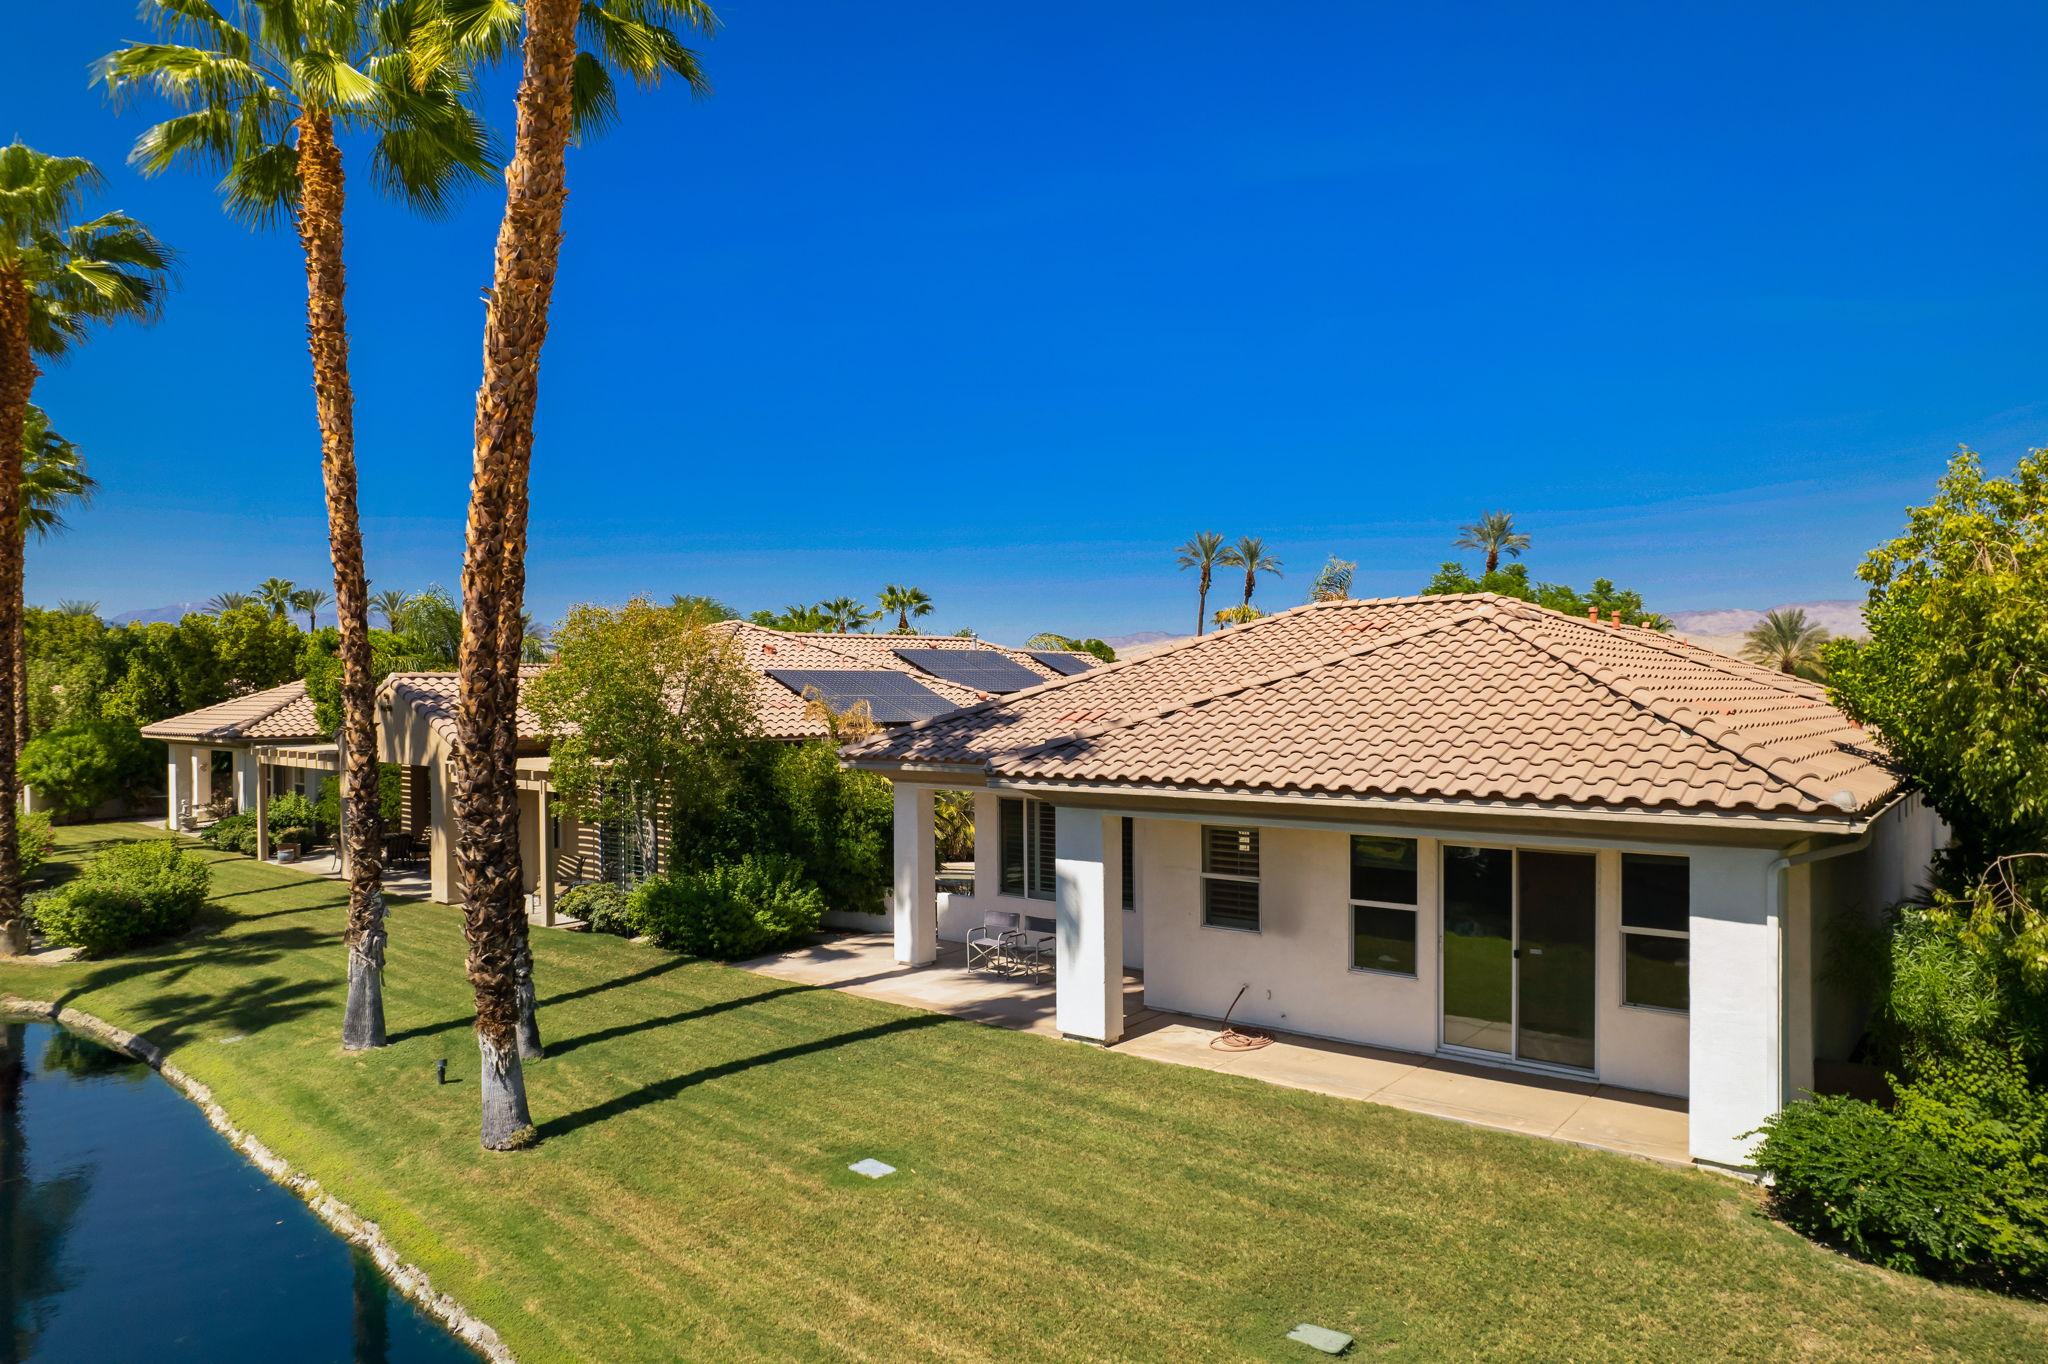 108 Mission Lake Way, Rancho Mirage, CA 92270, USA Photo 6